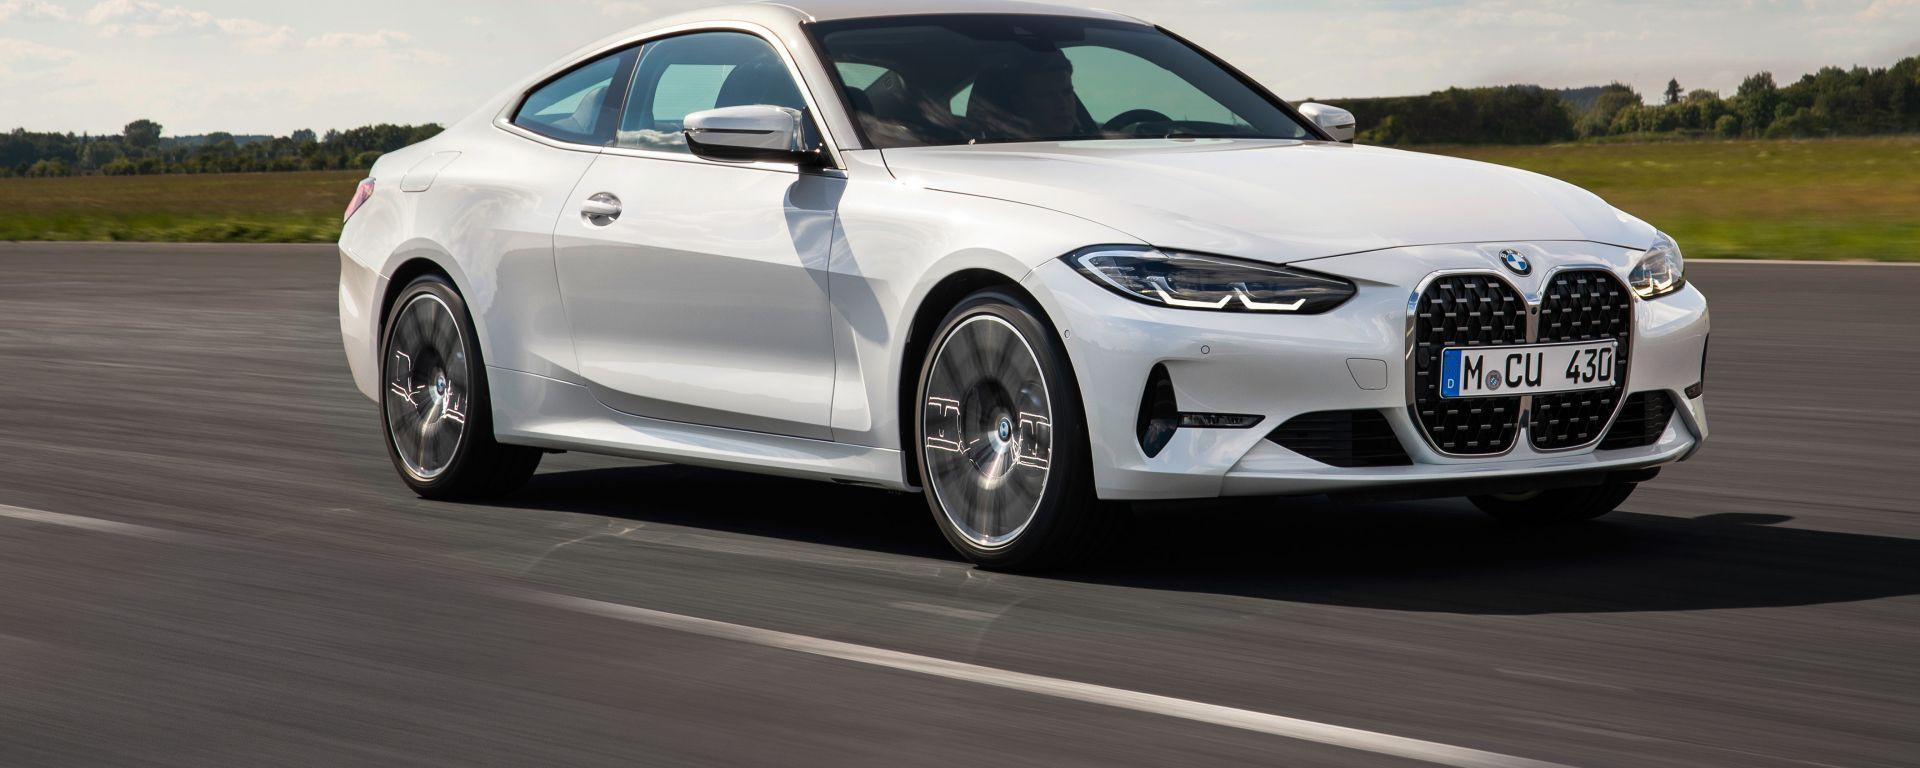 BMW Serie 4 Coupé, da marzo 2021 anche in formato M440d xDrive